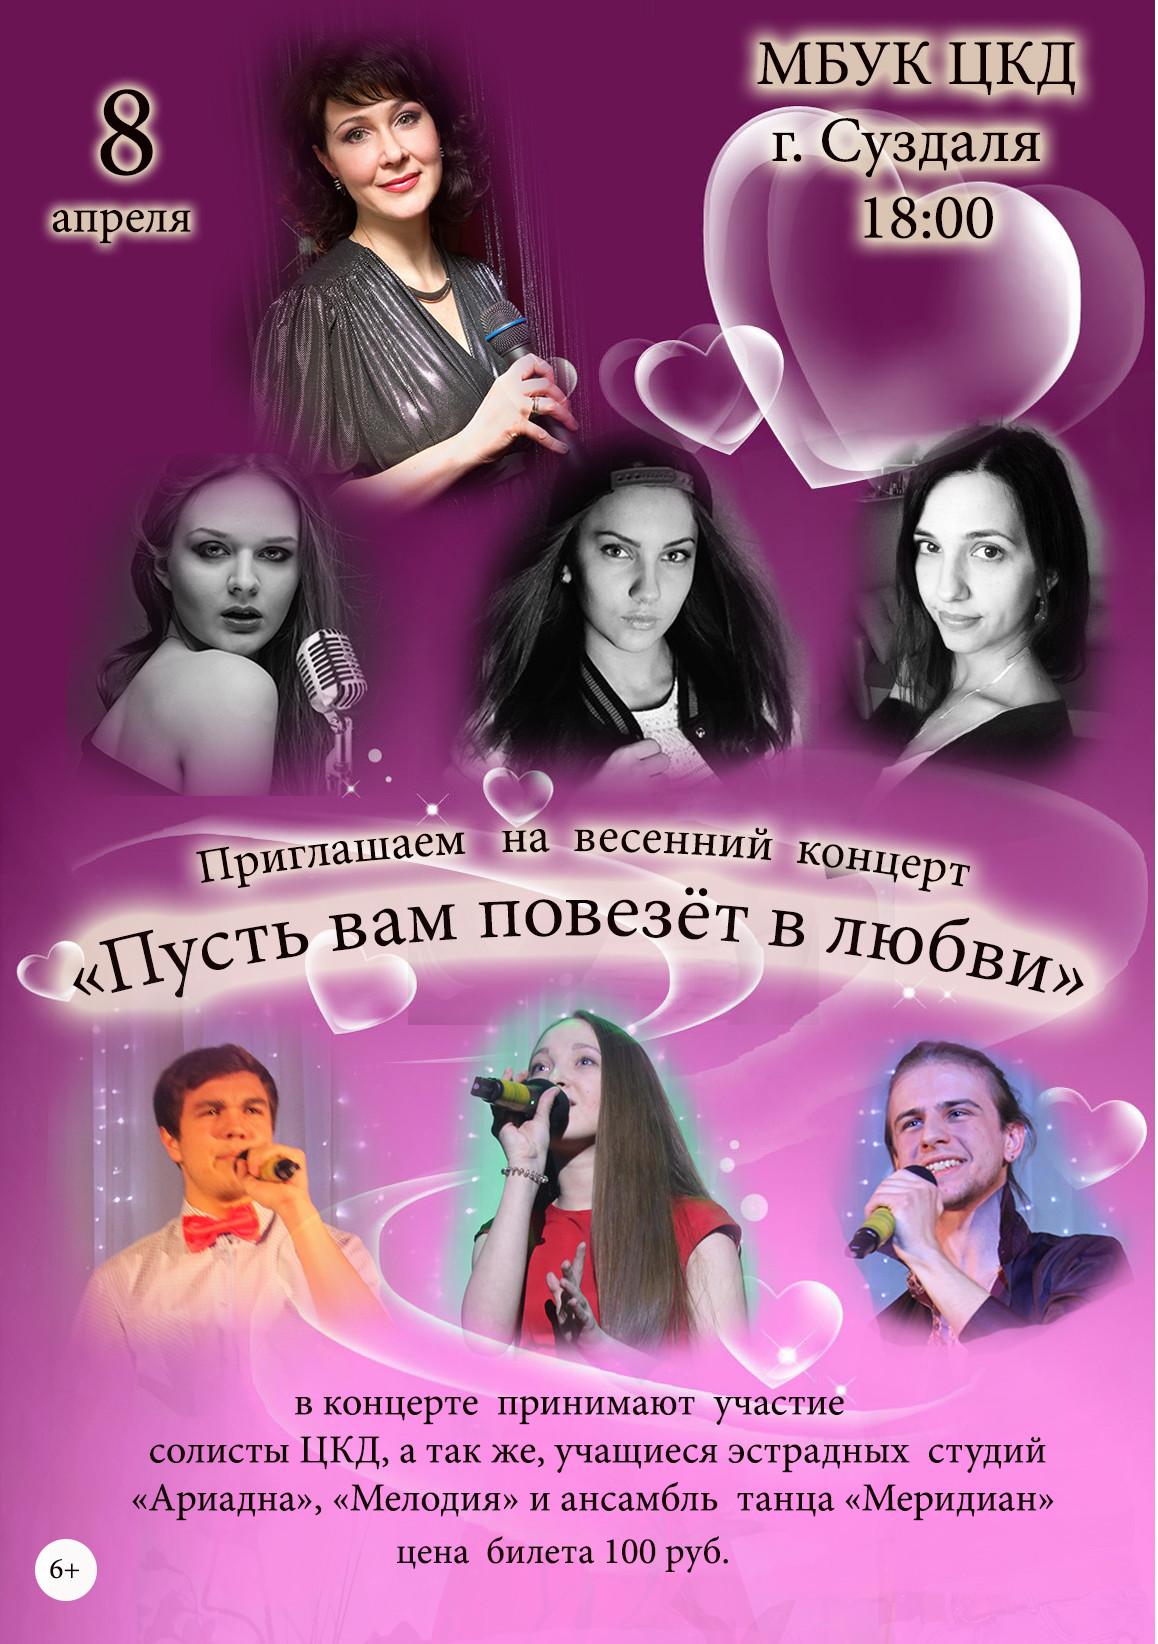 Приглашаем на весенний концерт!